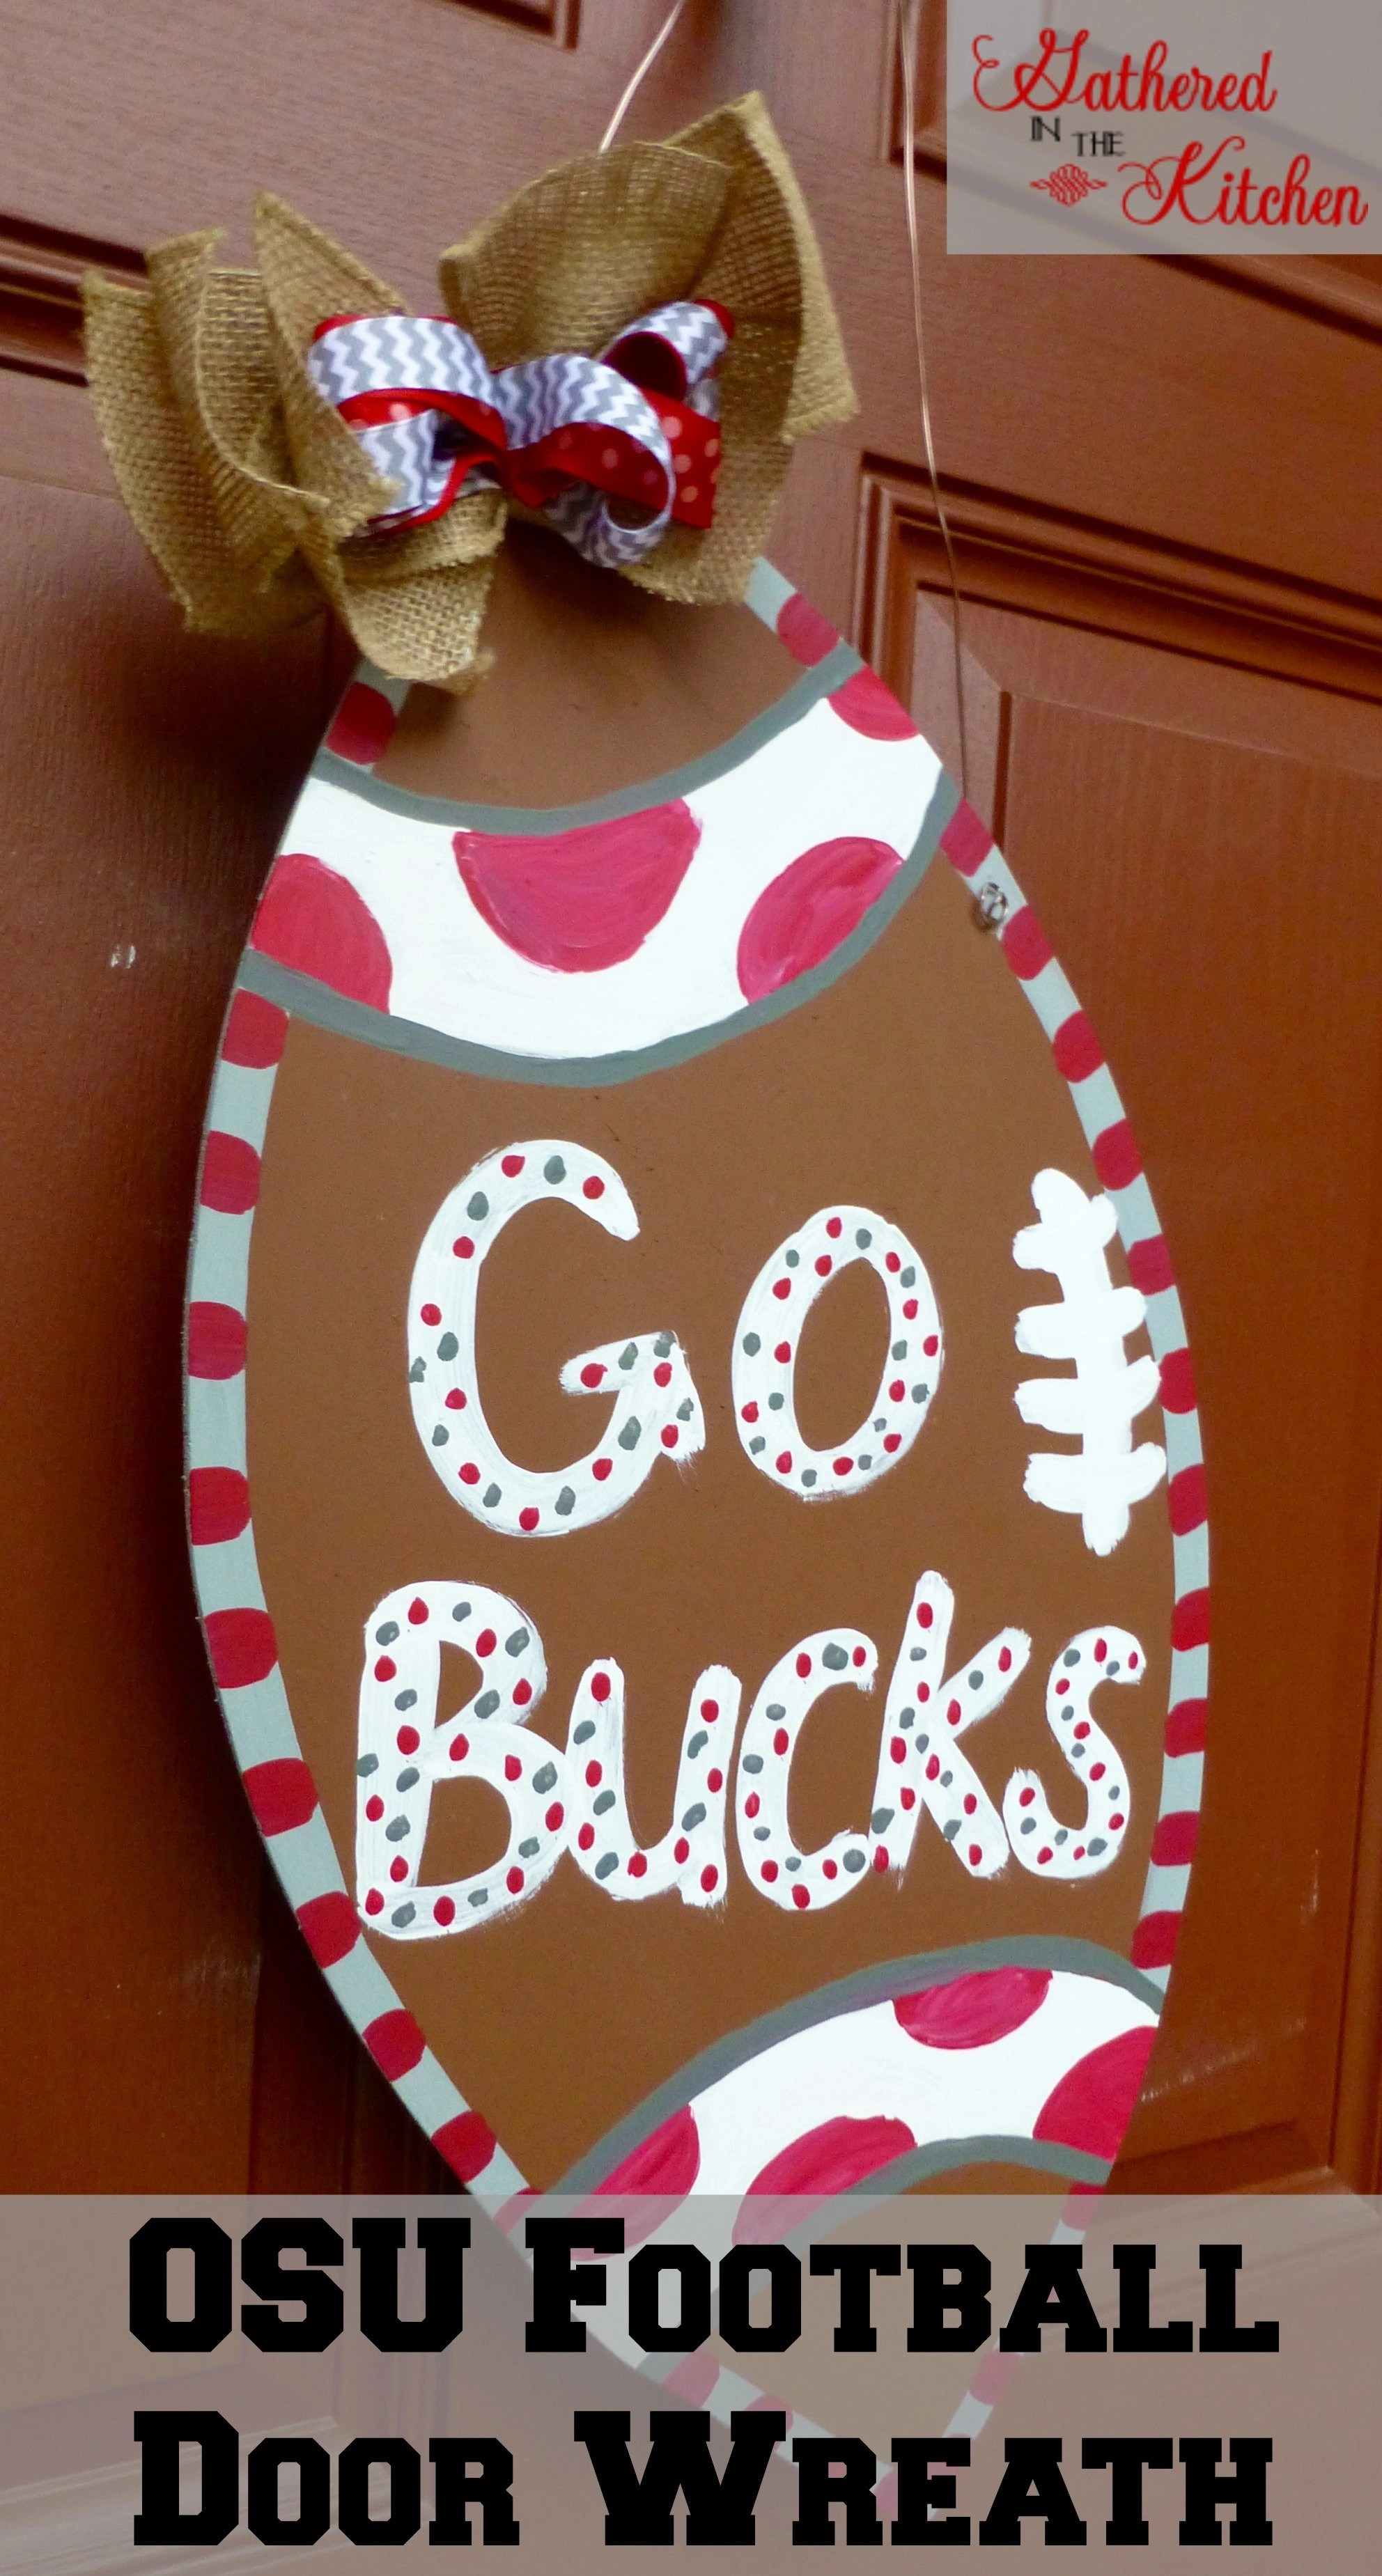 OSU football door wreath - 2